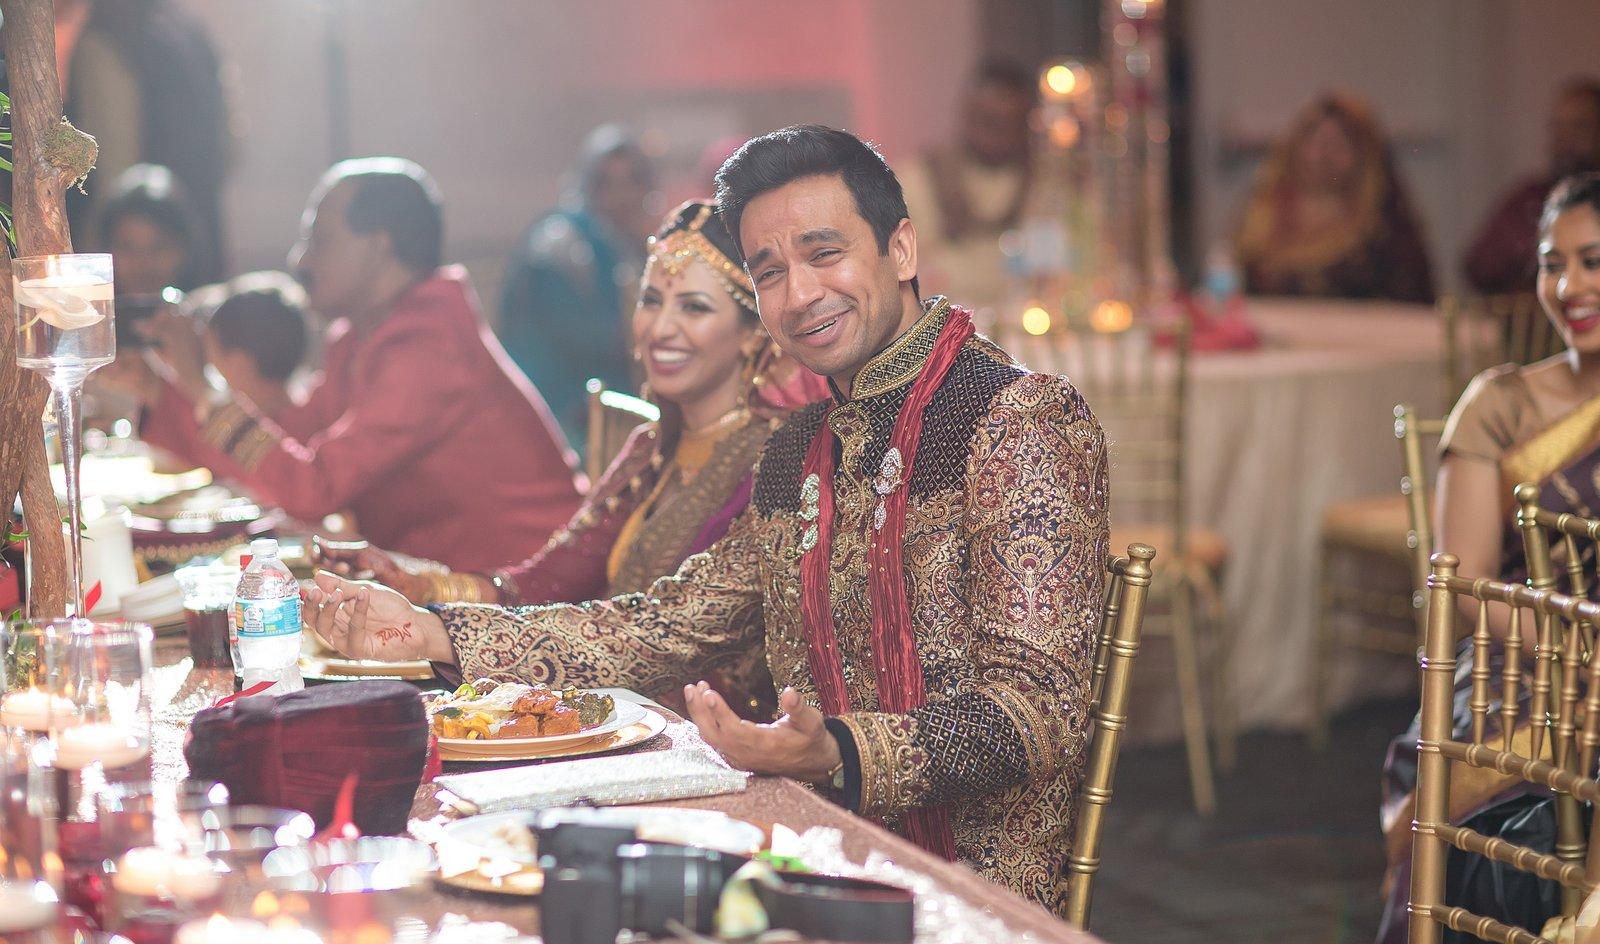 Naheed bashir wedding